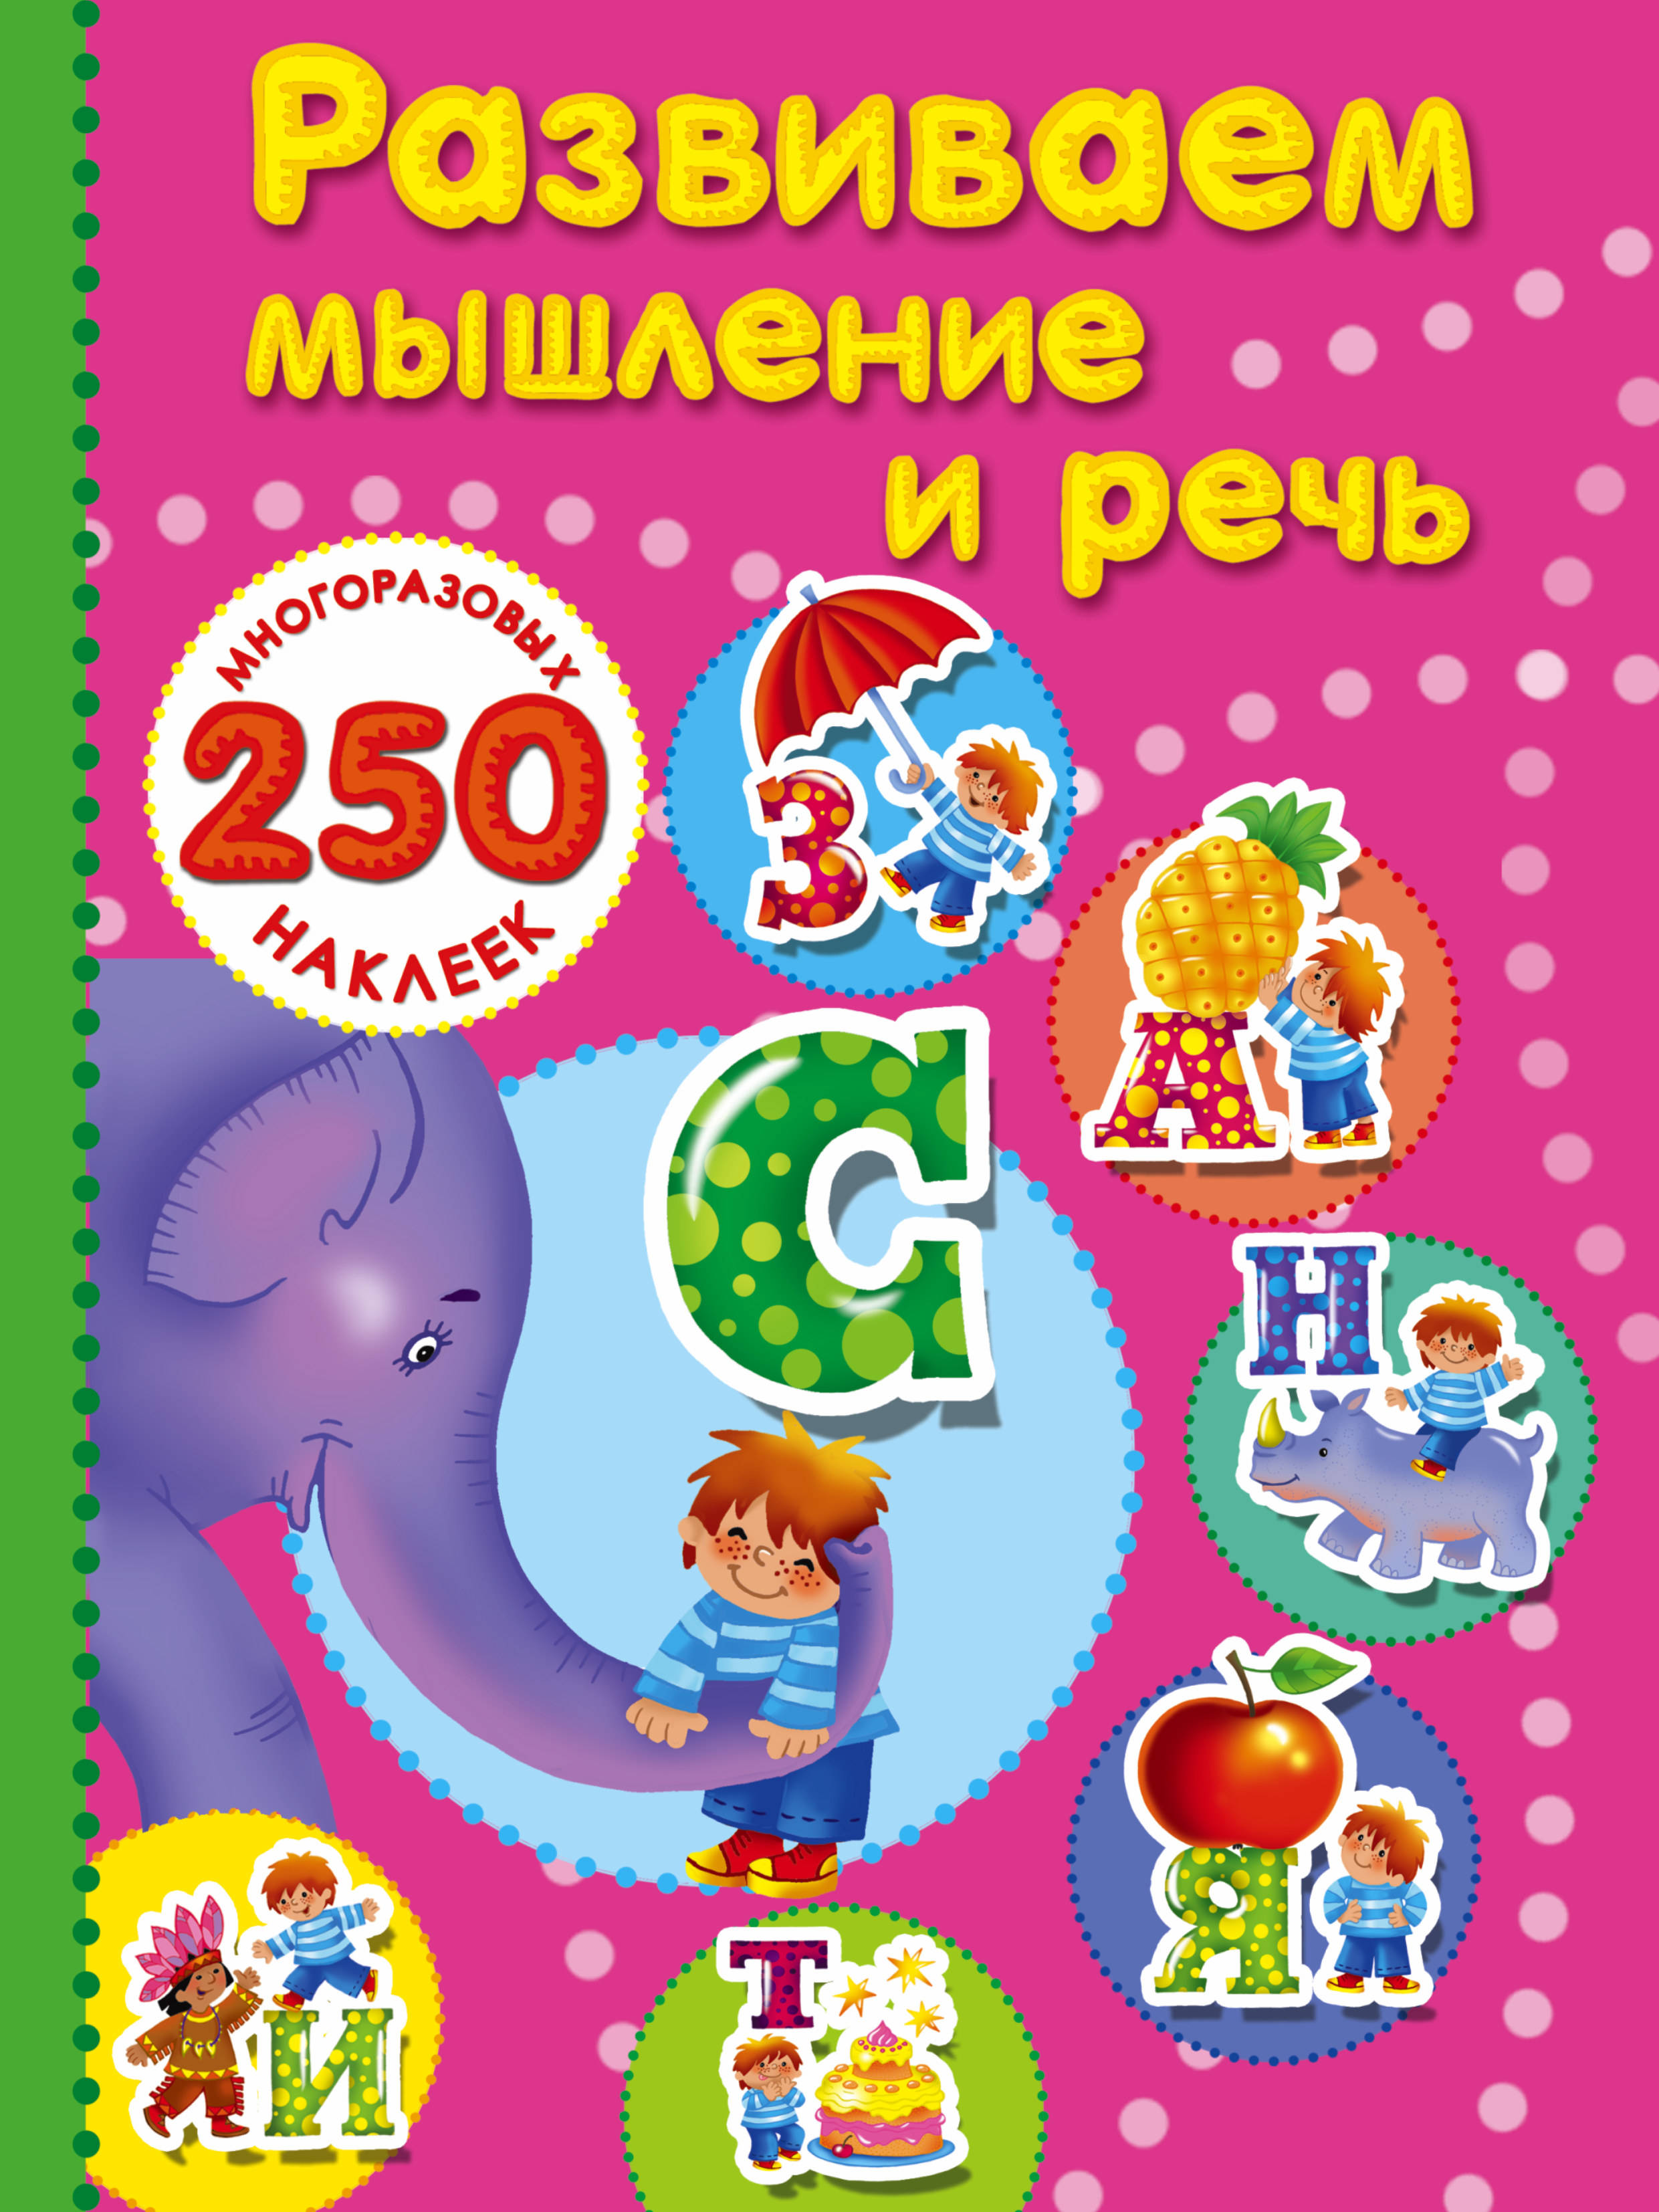 Дмитриева В.Г. Развиваем мышление и речь. цены онлайн